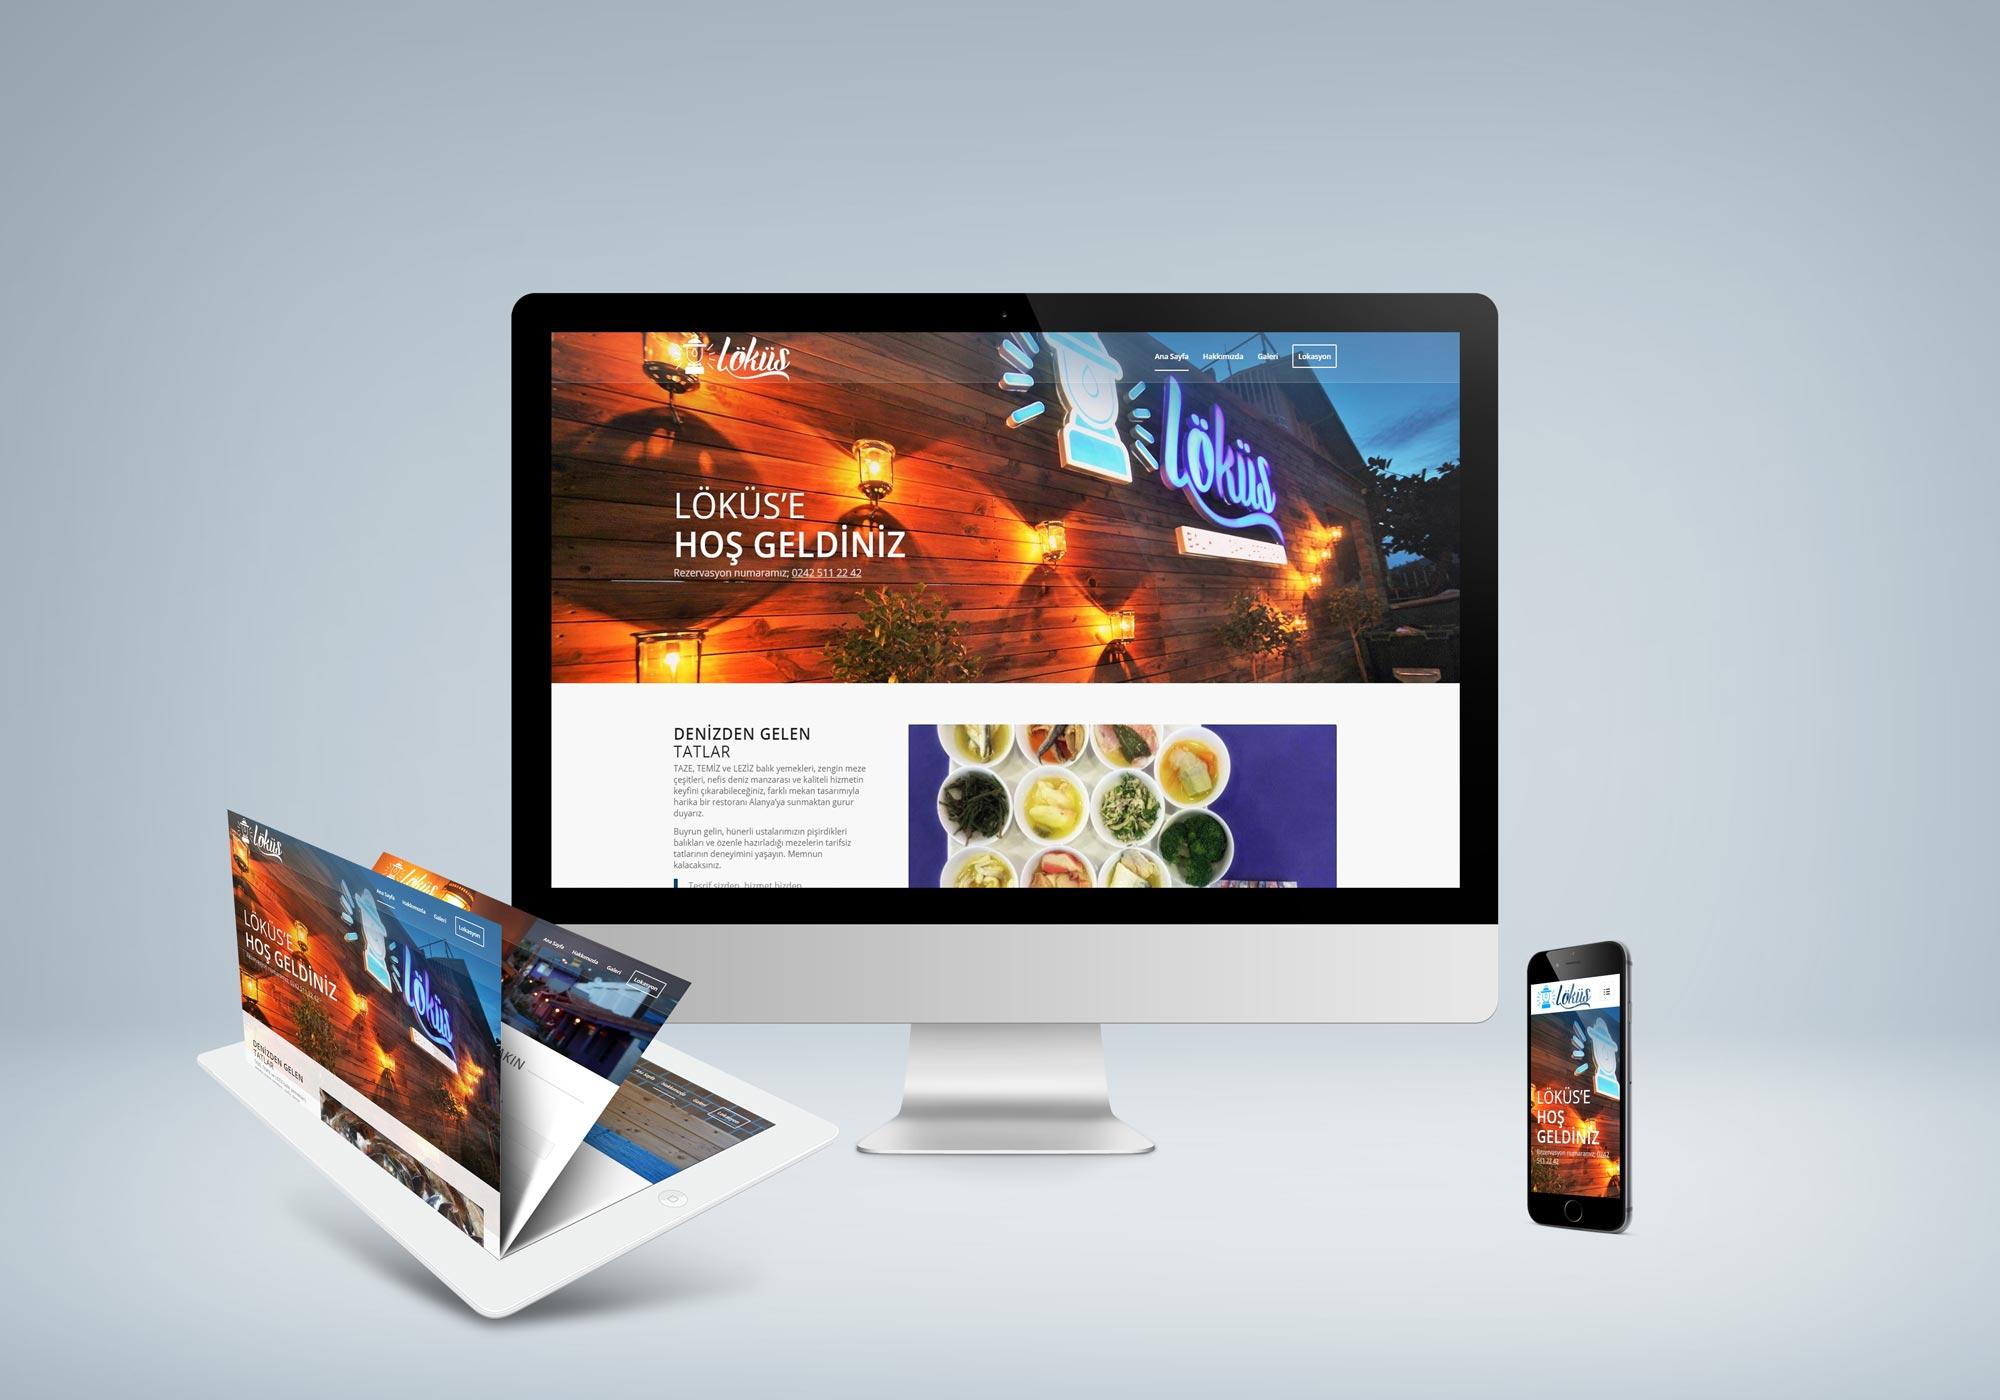 Balık Restaurant Web Sitesi - Löküs